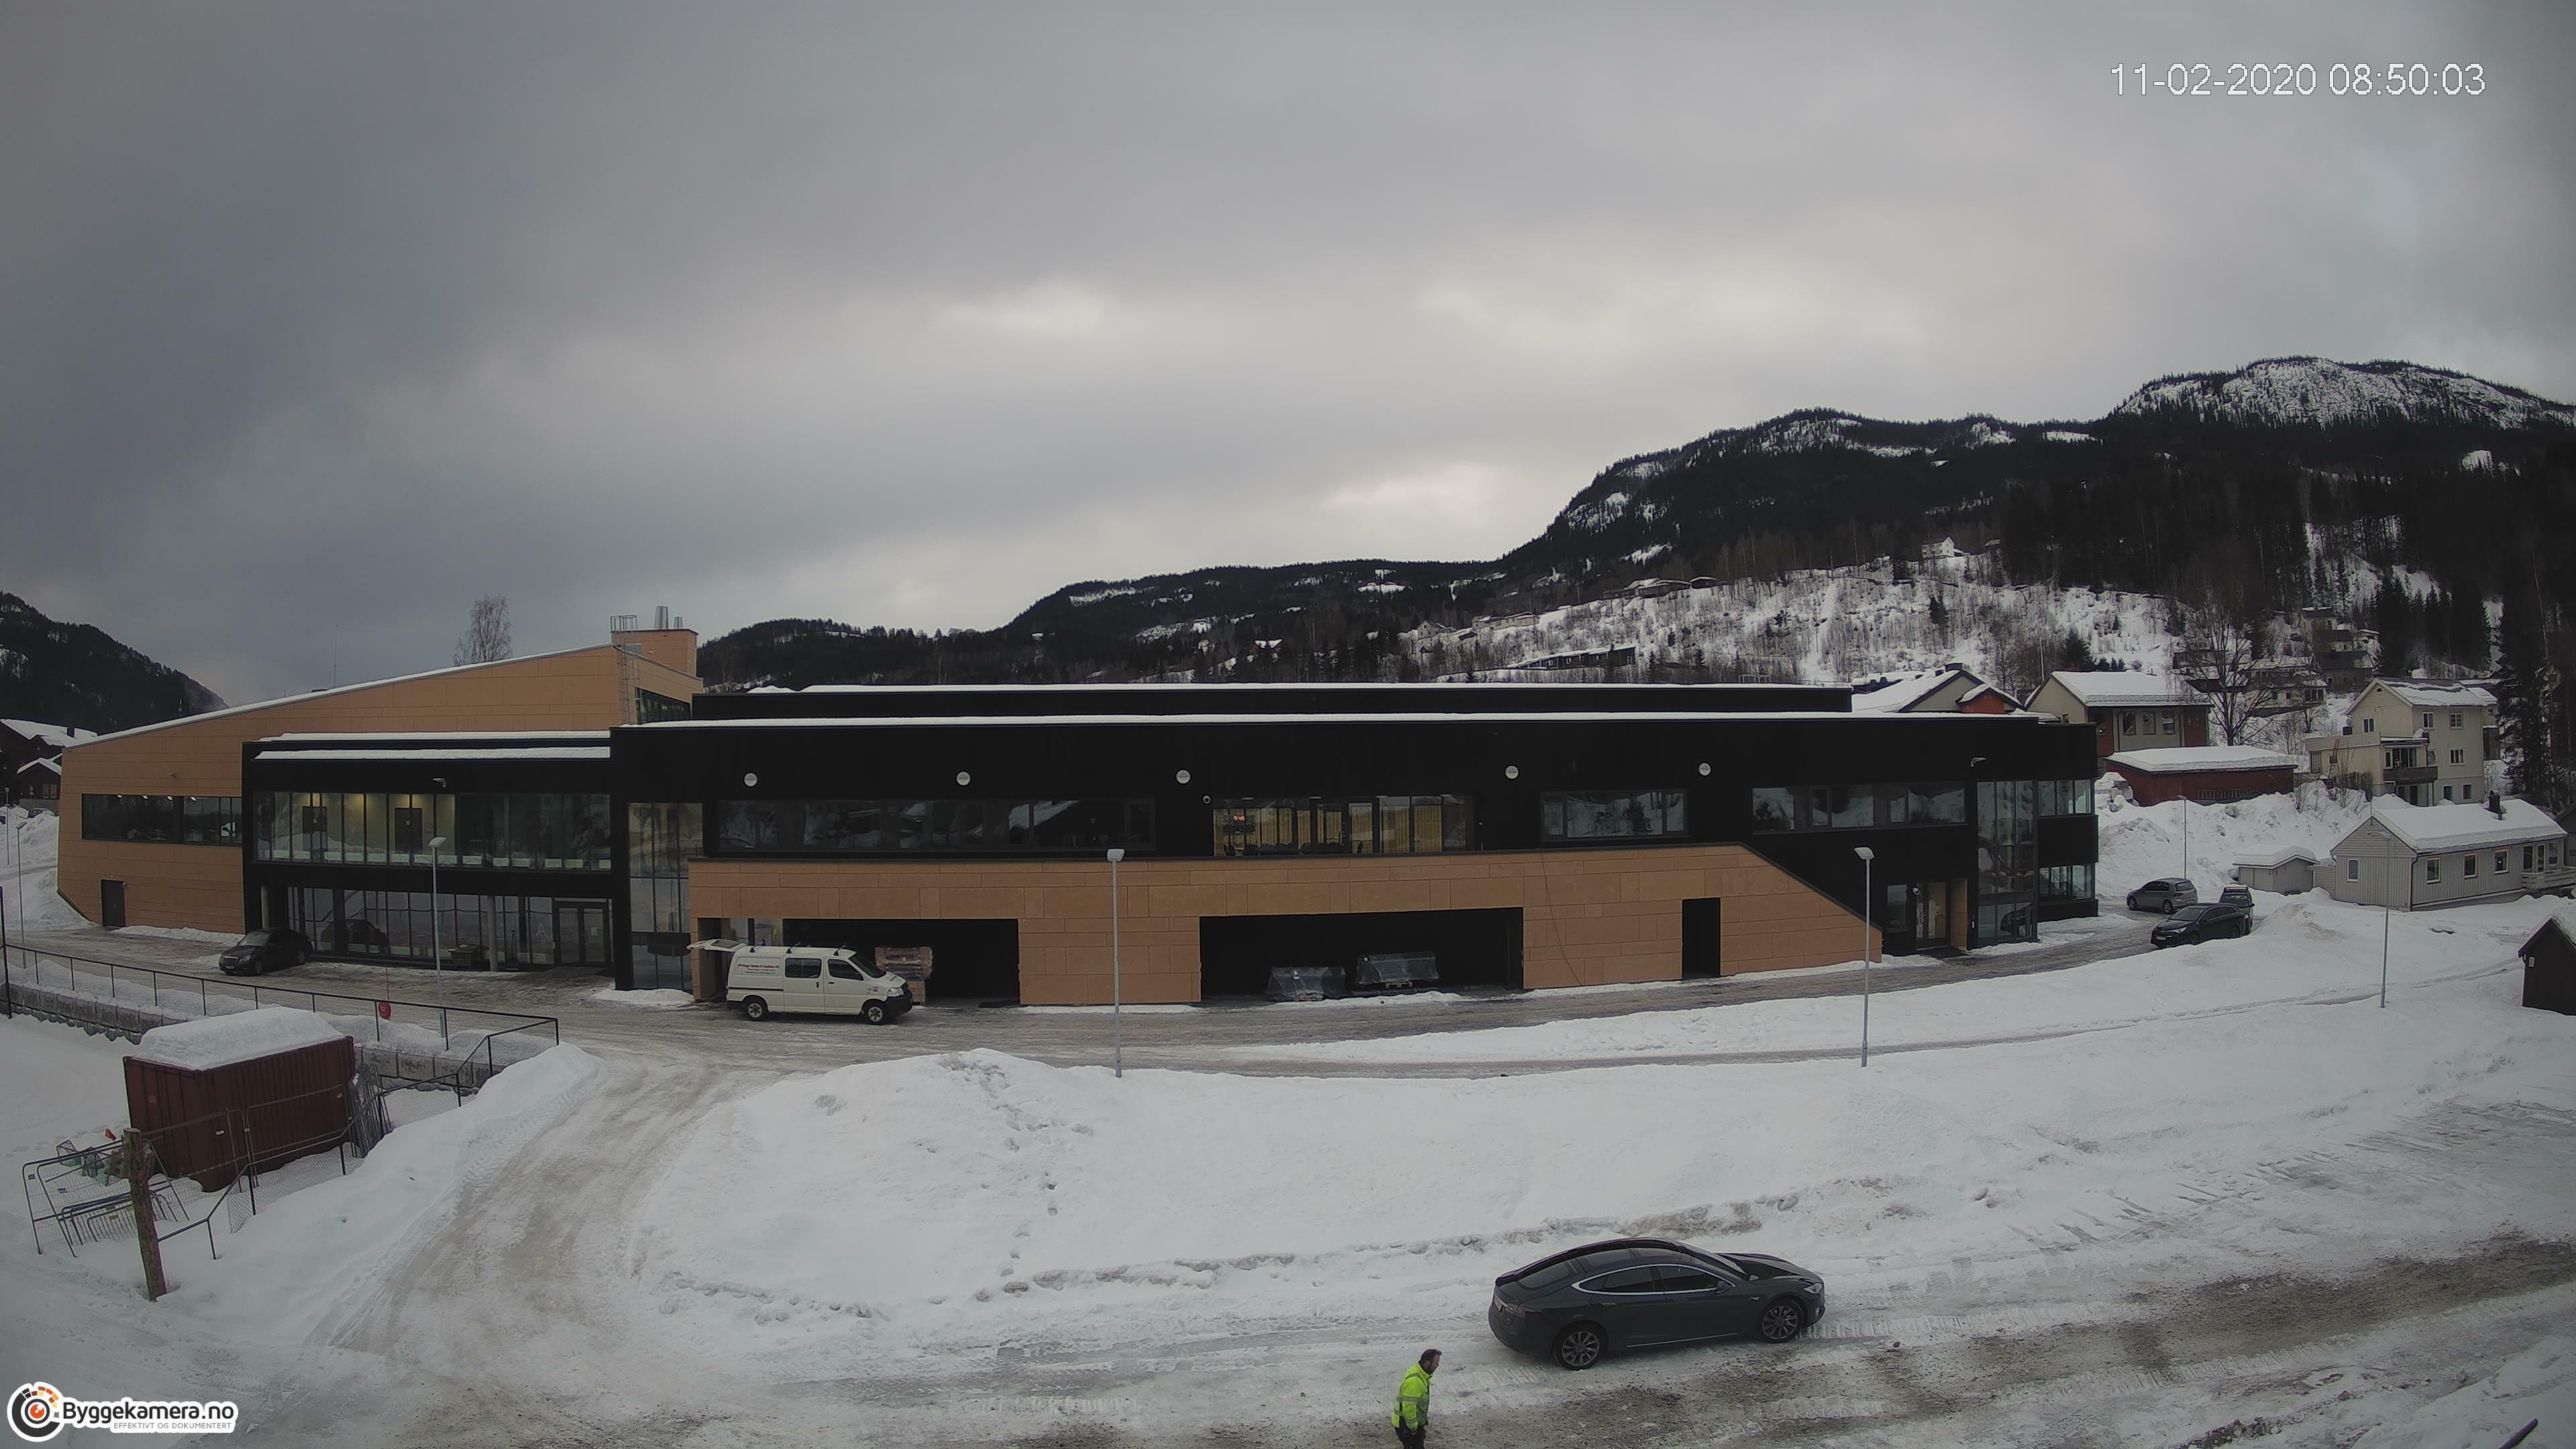 Sør-Aurdalshallen i Bagn i Valdres bygges av Sanne og Hauglid A/S med underentreprenører